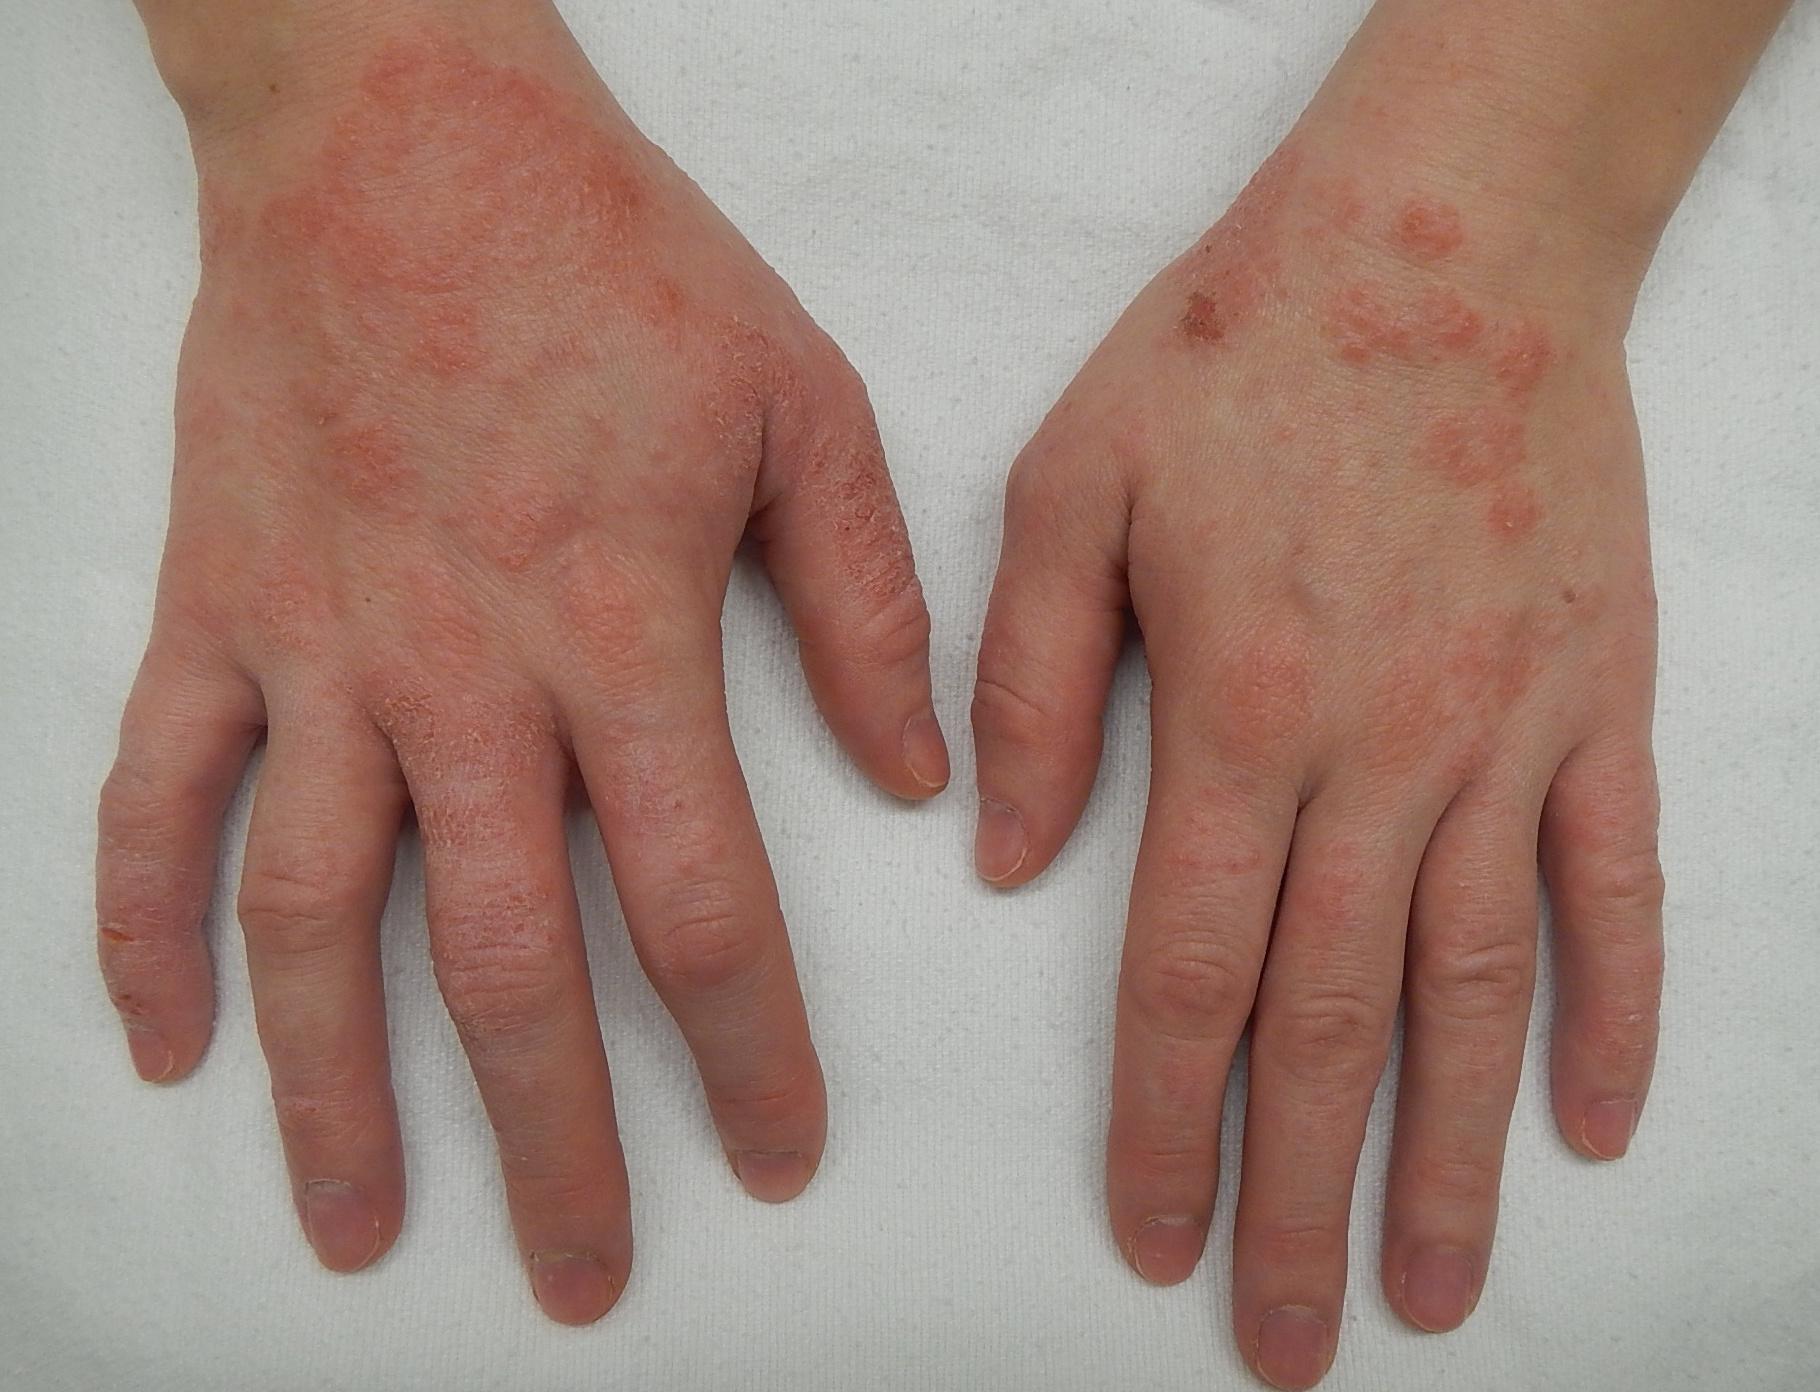 pikkelysömör a kezen hogyan kell kezelni a bőrön lévő vörös foltok nyomással eltűnnek